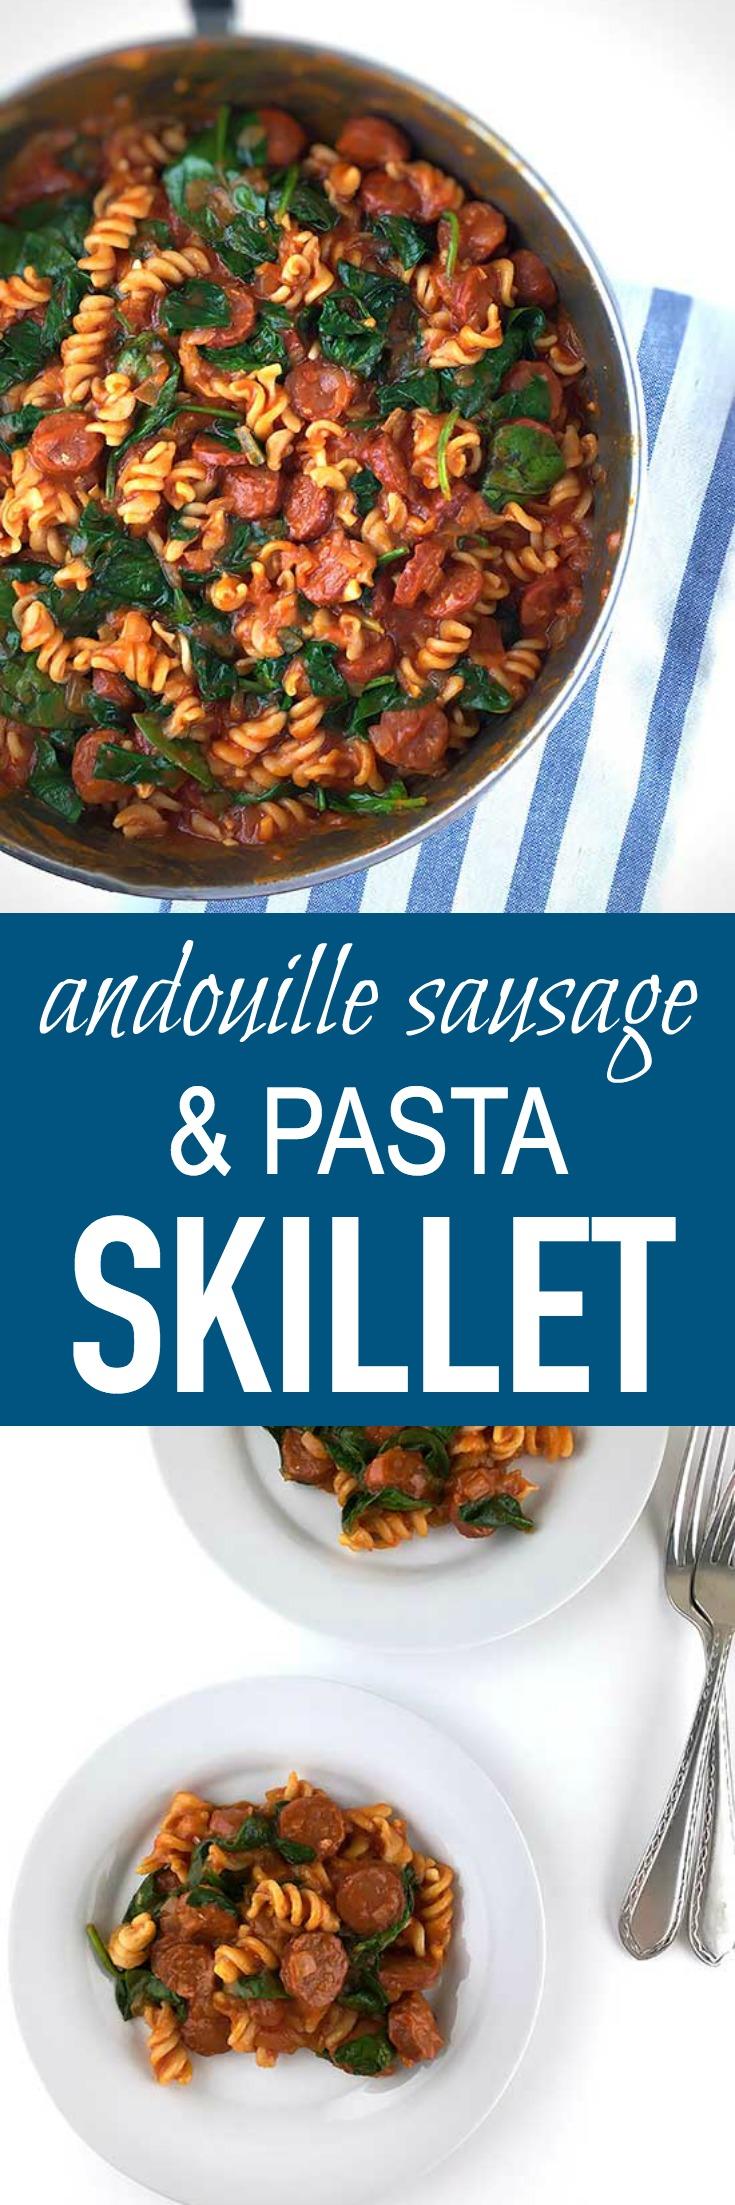 Andouille-Sausage-Pasta-Skillet-Pin